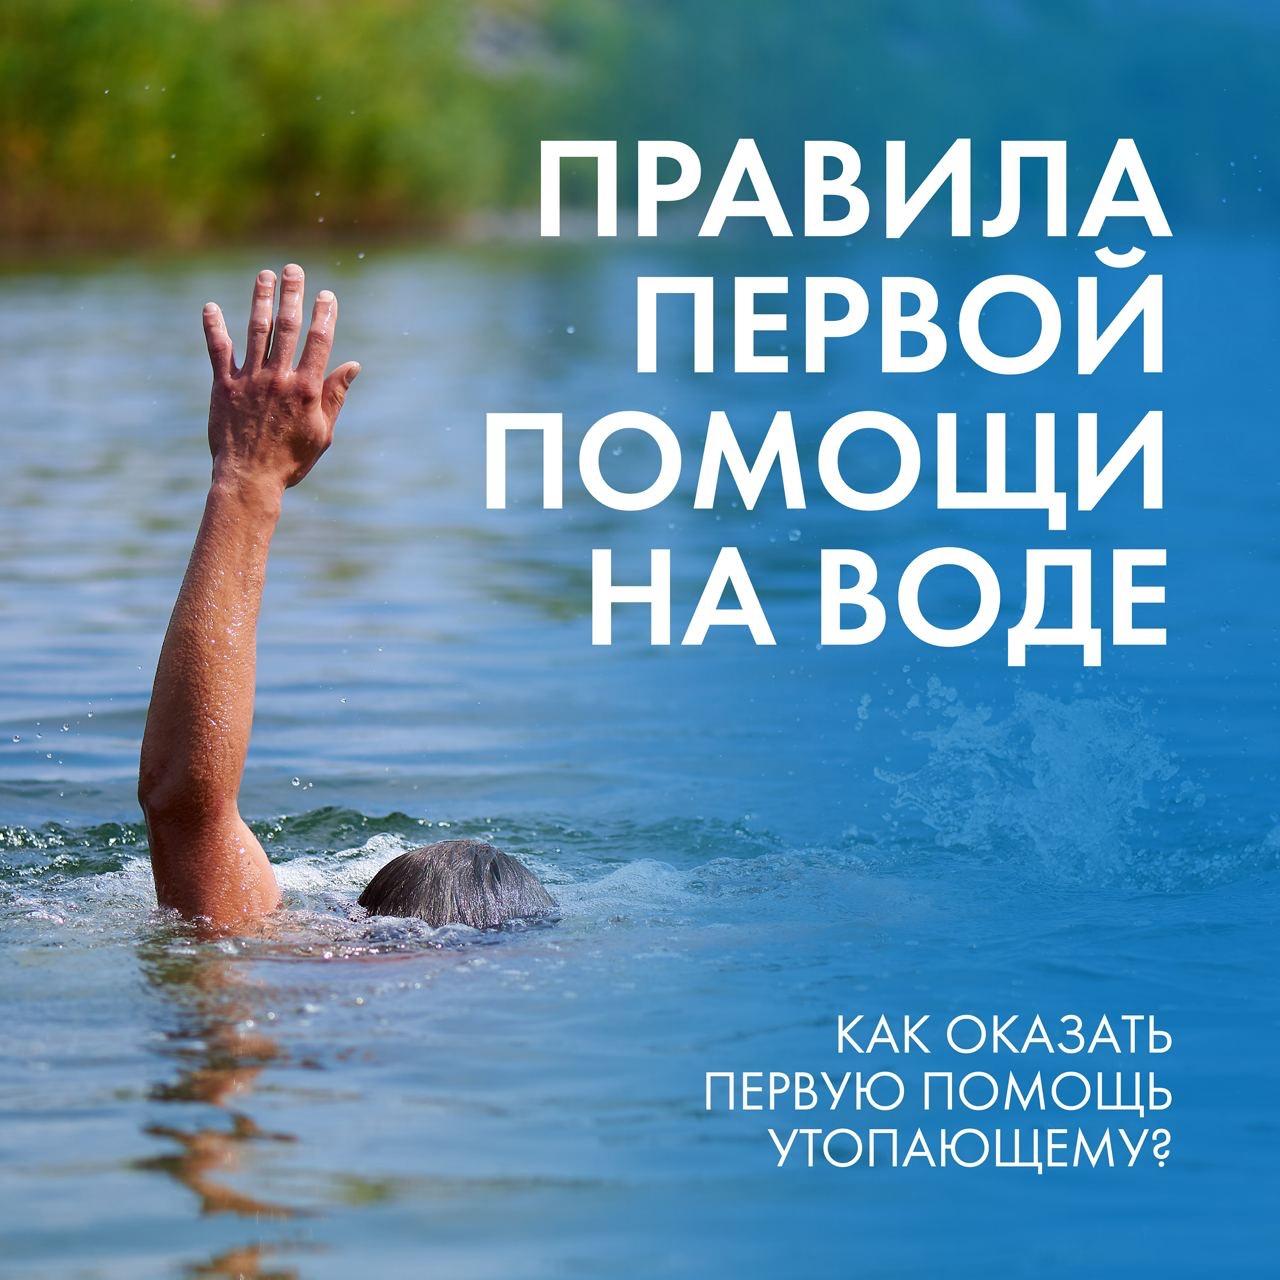 Лето это время отпусков и отдыха на воде, но с этой веселой порой связано очень много опасных ситуаций